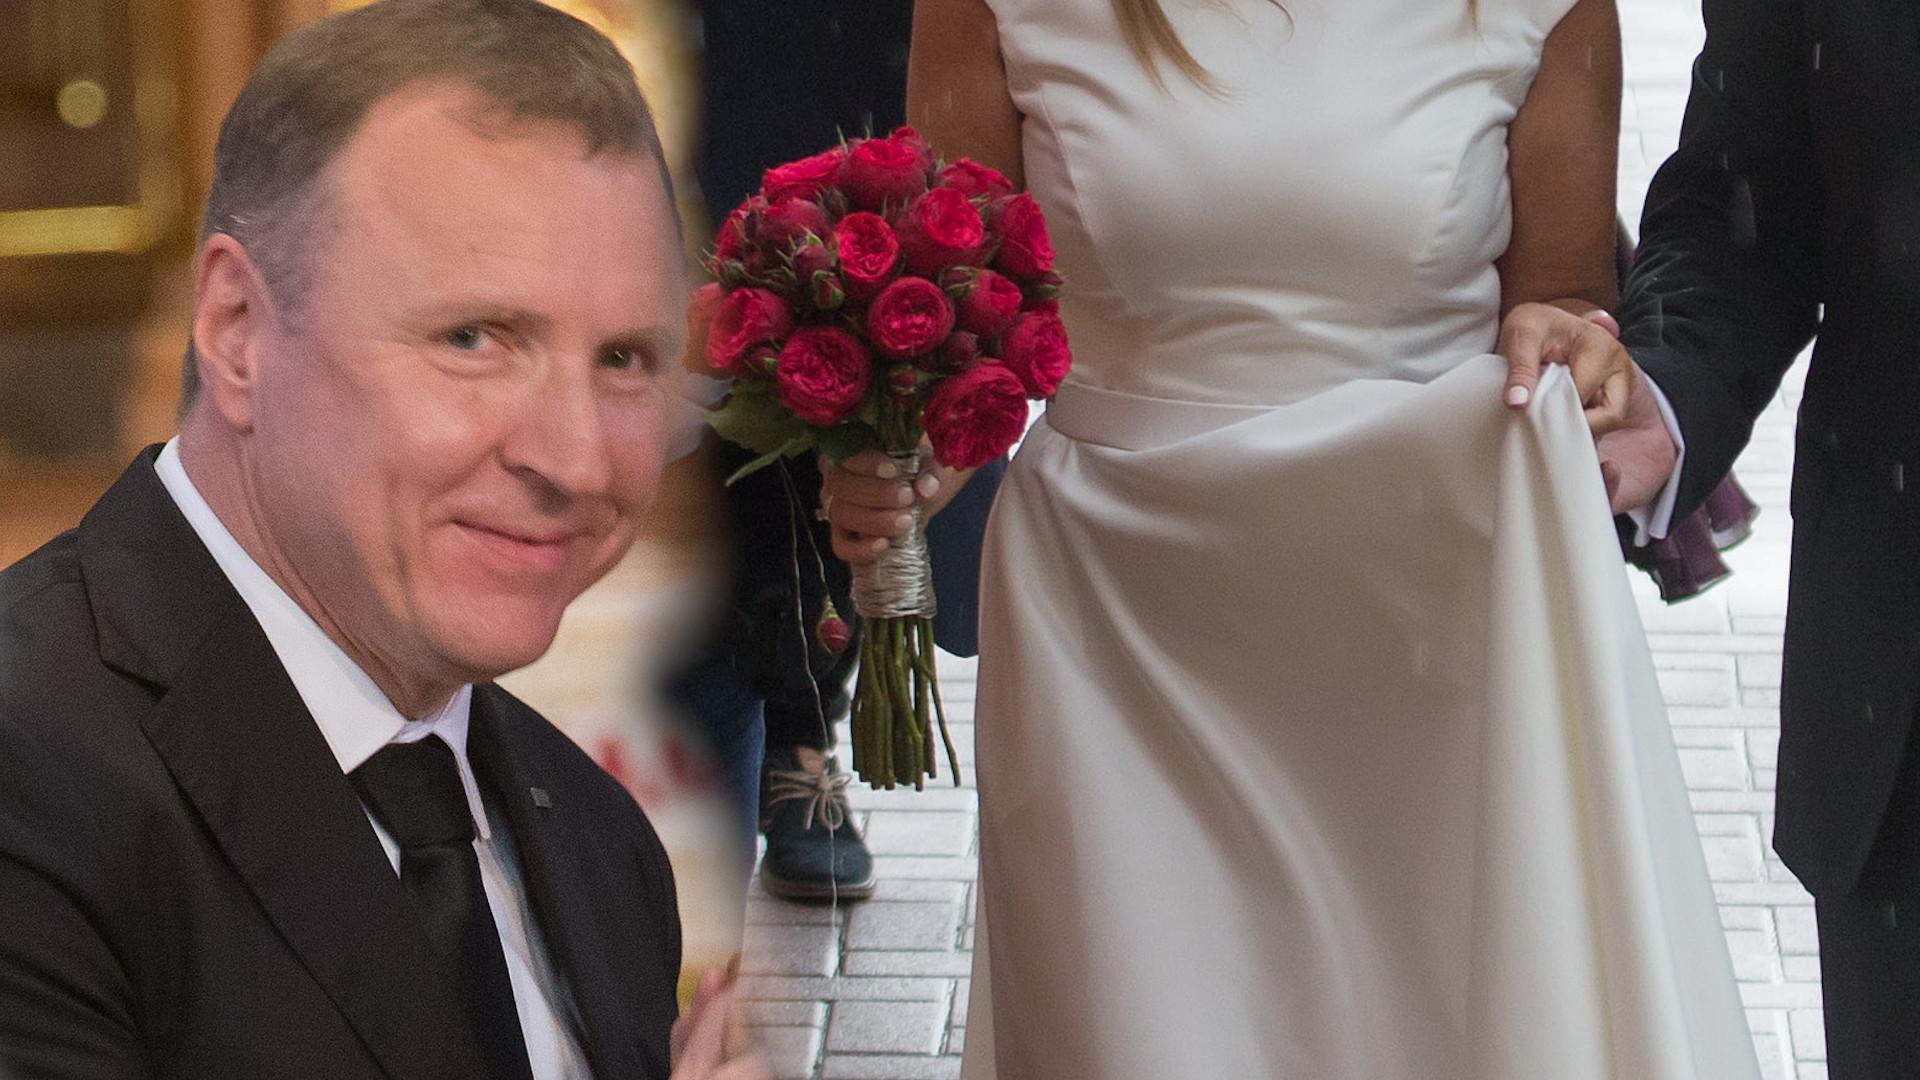 Jacek Kurski wziął drugi ślub kościelny. Pojawiło się mnóstwo osobistości (ZDJĘCIA)